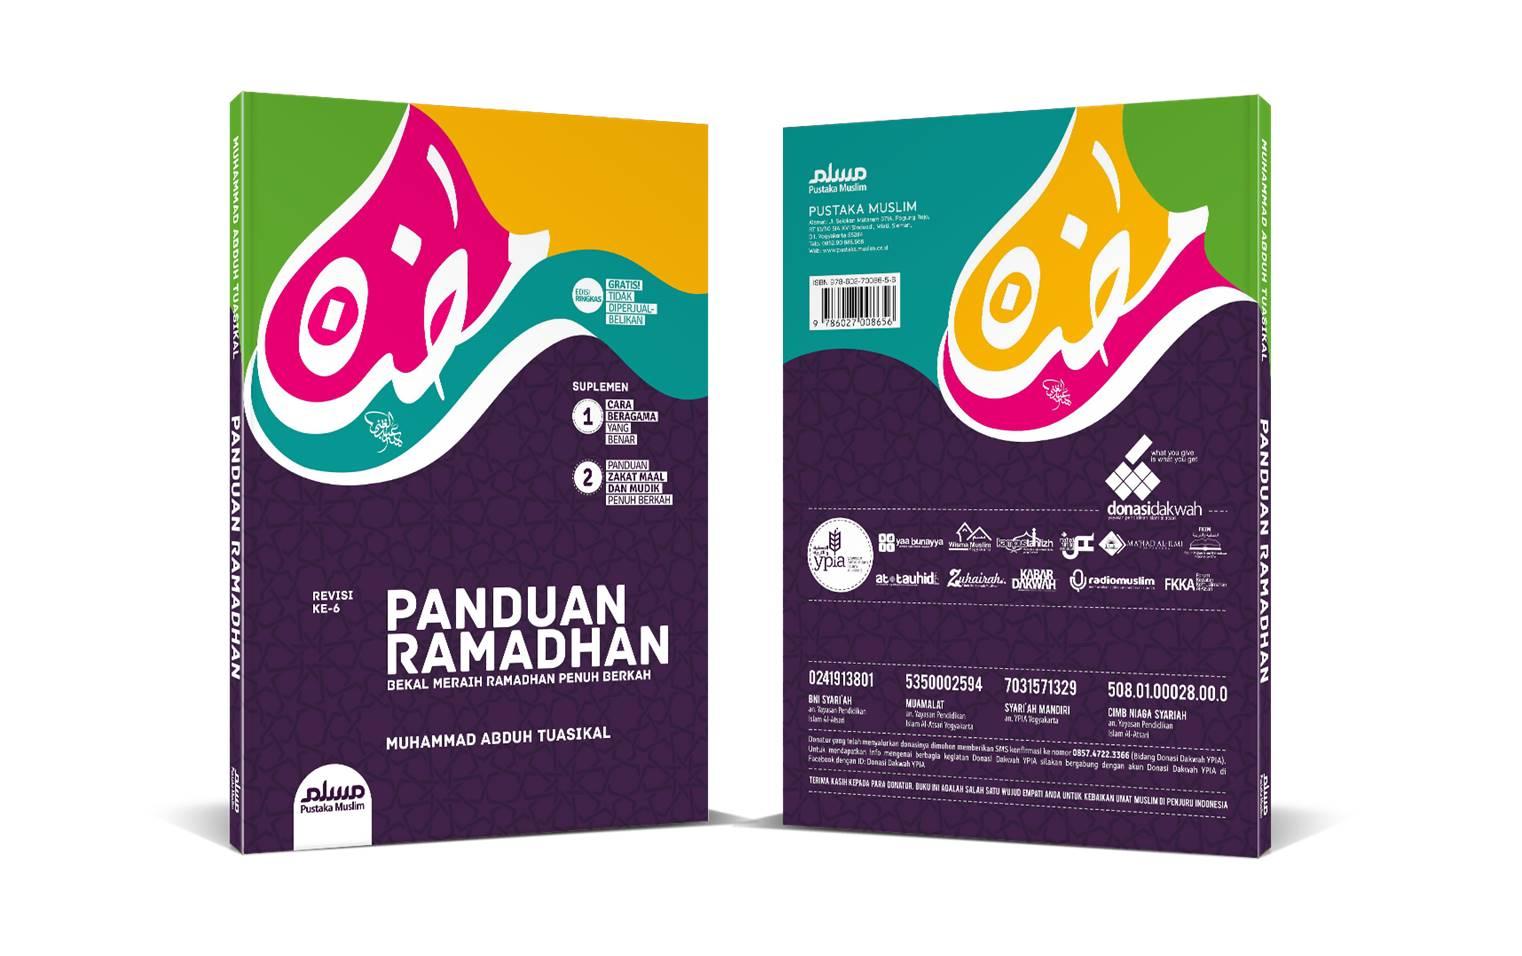 panduan ramadhan edisi 7